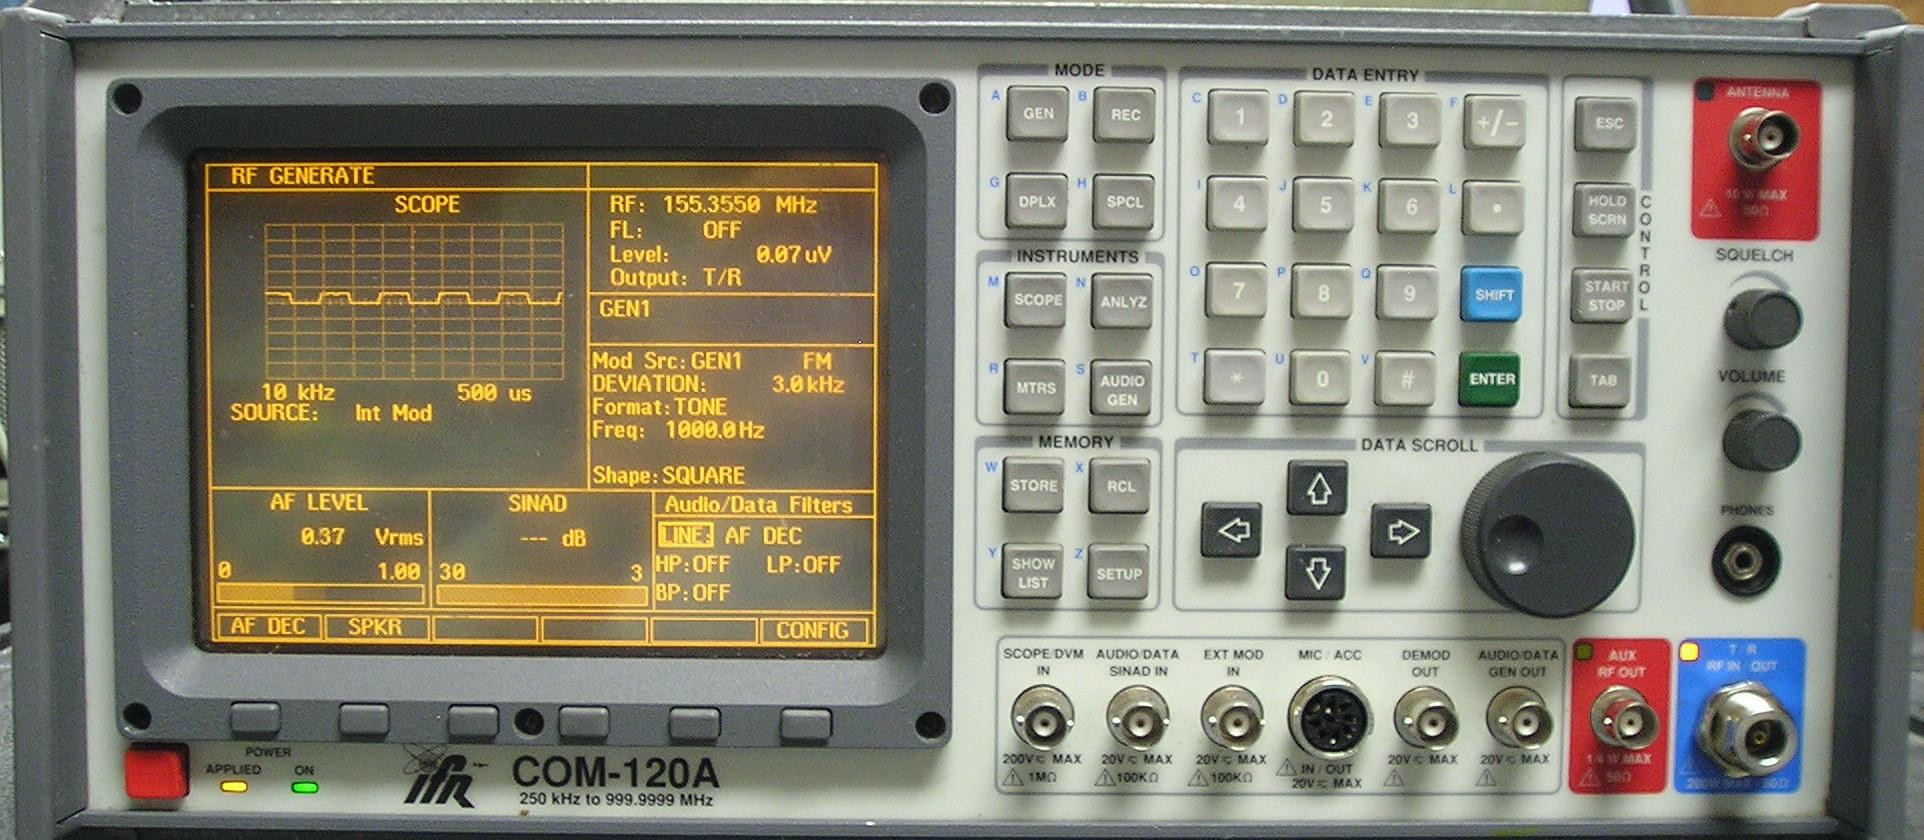 Aeroflex-IFR COM120A